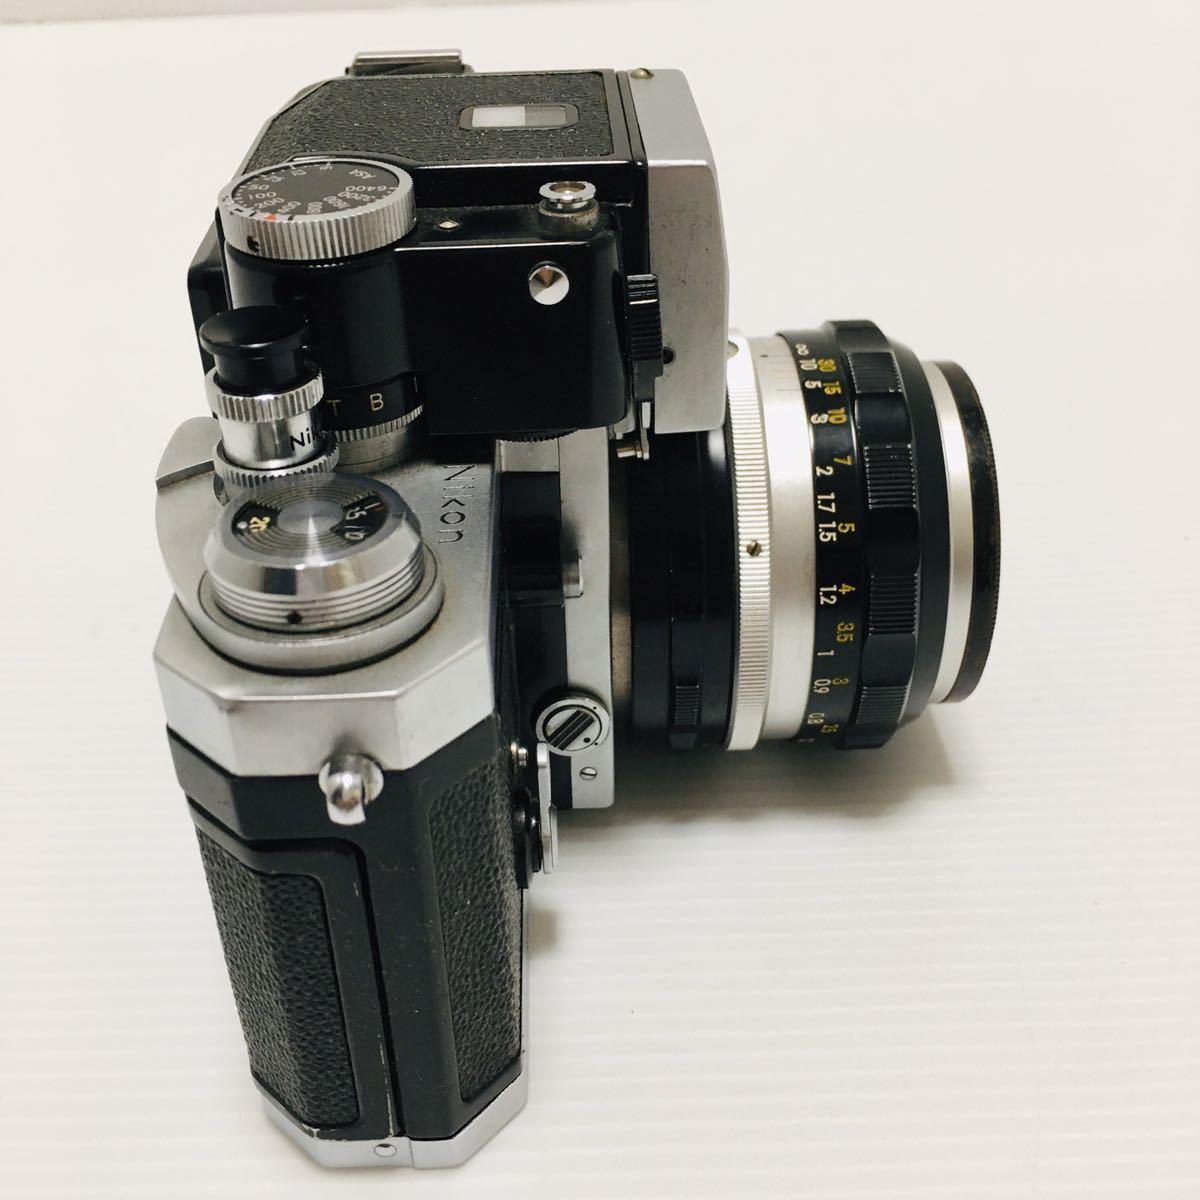 【動作未確認】Nikon F シルバー フィルムカメラ national3650 フラッシュ、レンズ付 NIKKOR-S 1:1.4 ジャンク_画像7